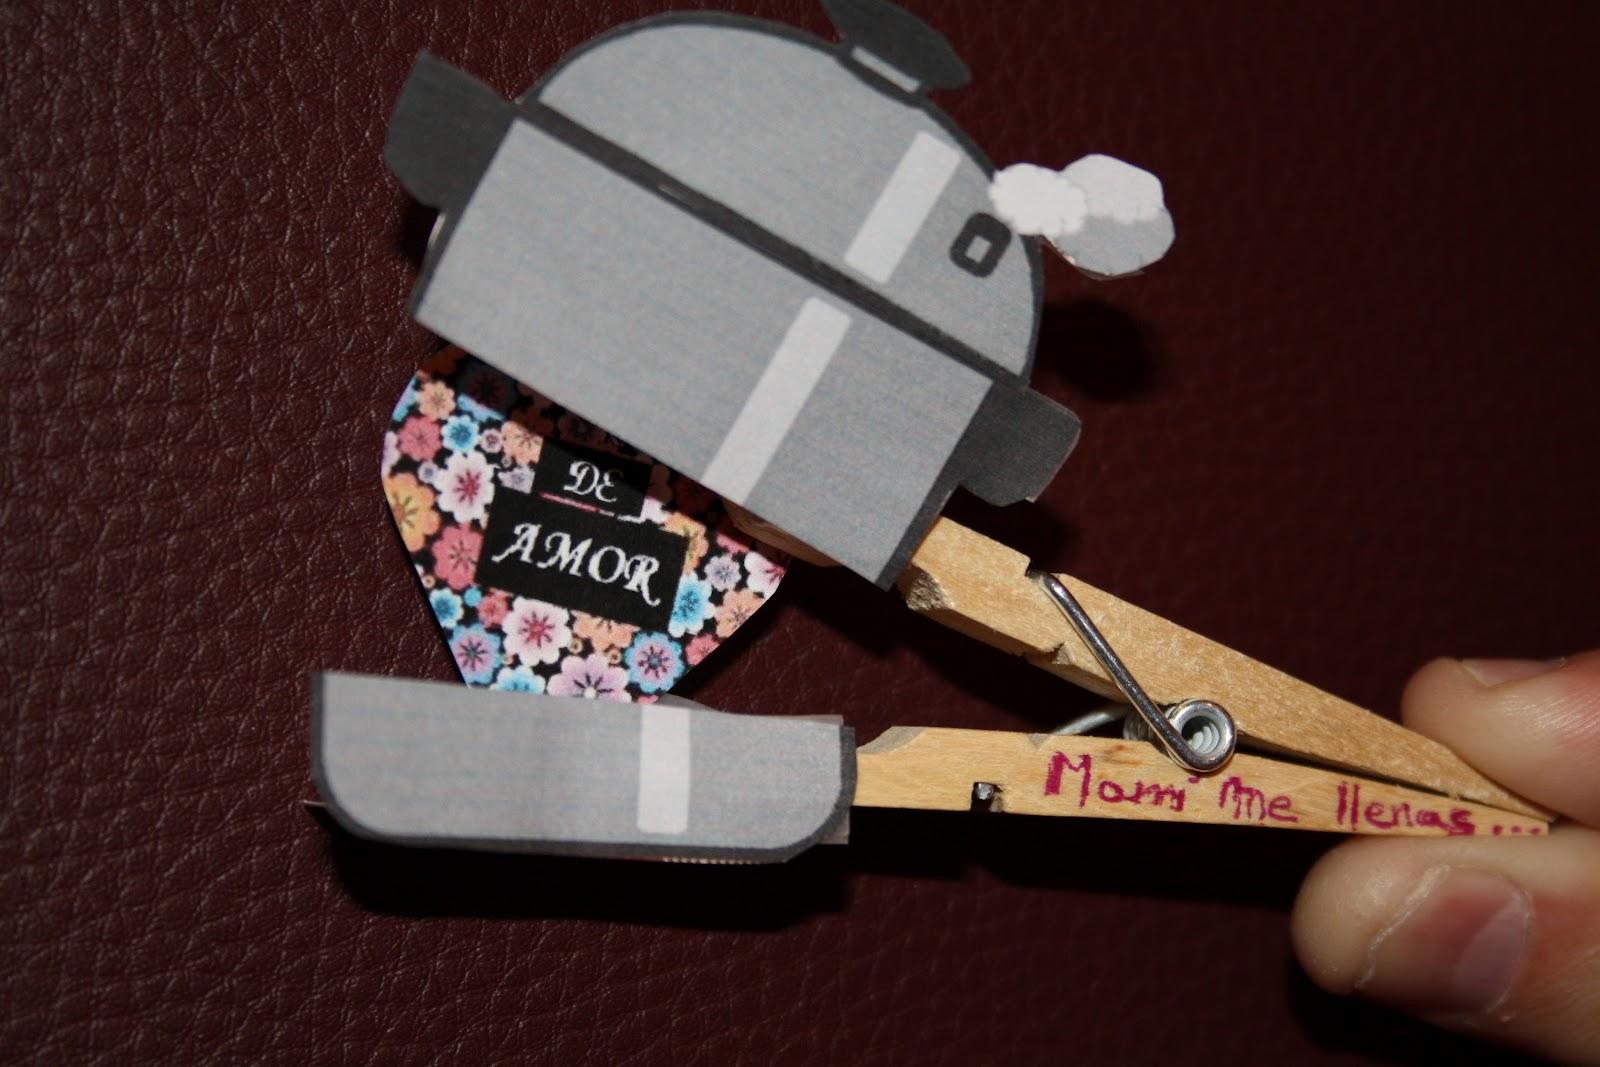 Fotos De Amor Com - Imágenes de Amor para compartir 365 Imágenes bonitas